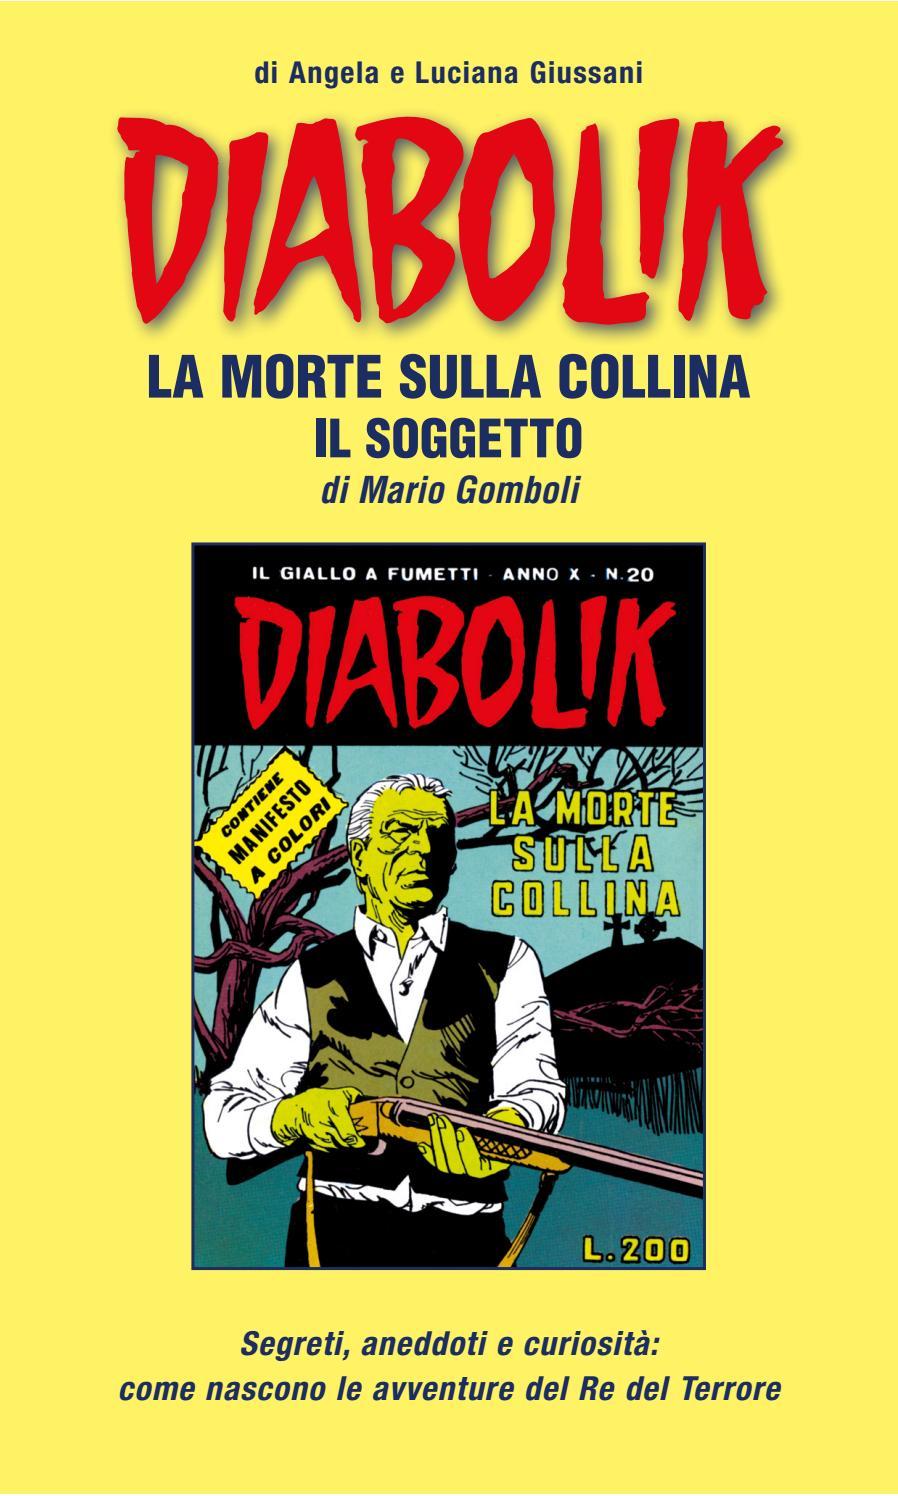 La Morte Sulla Collina Il Soggetto By Astorina Srl Issuu